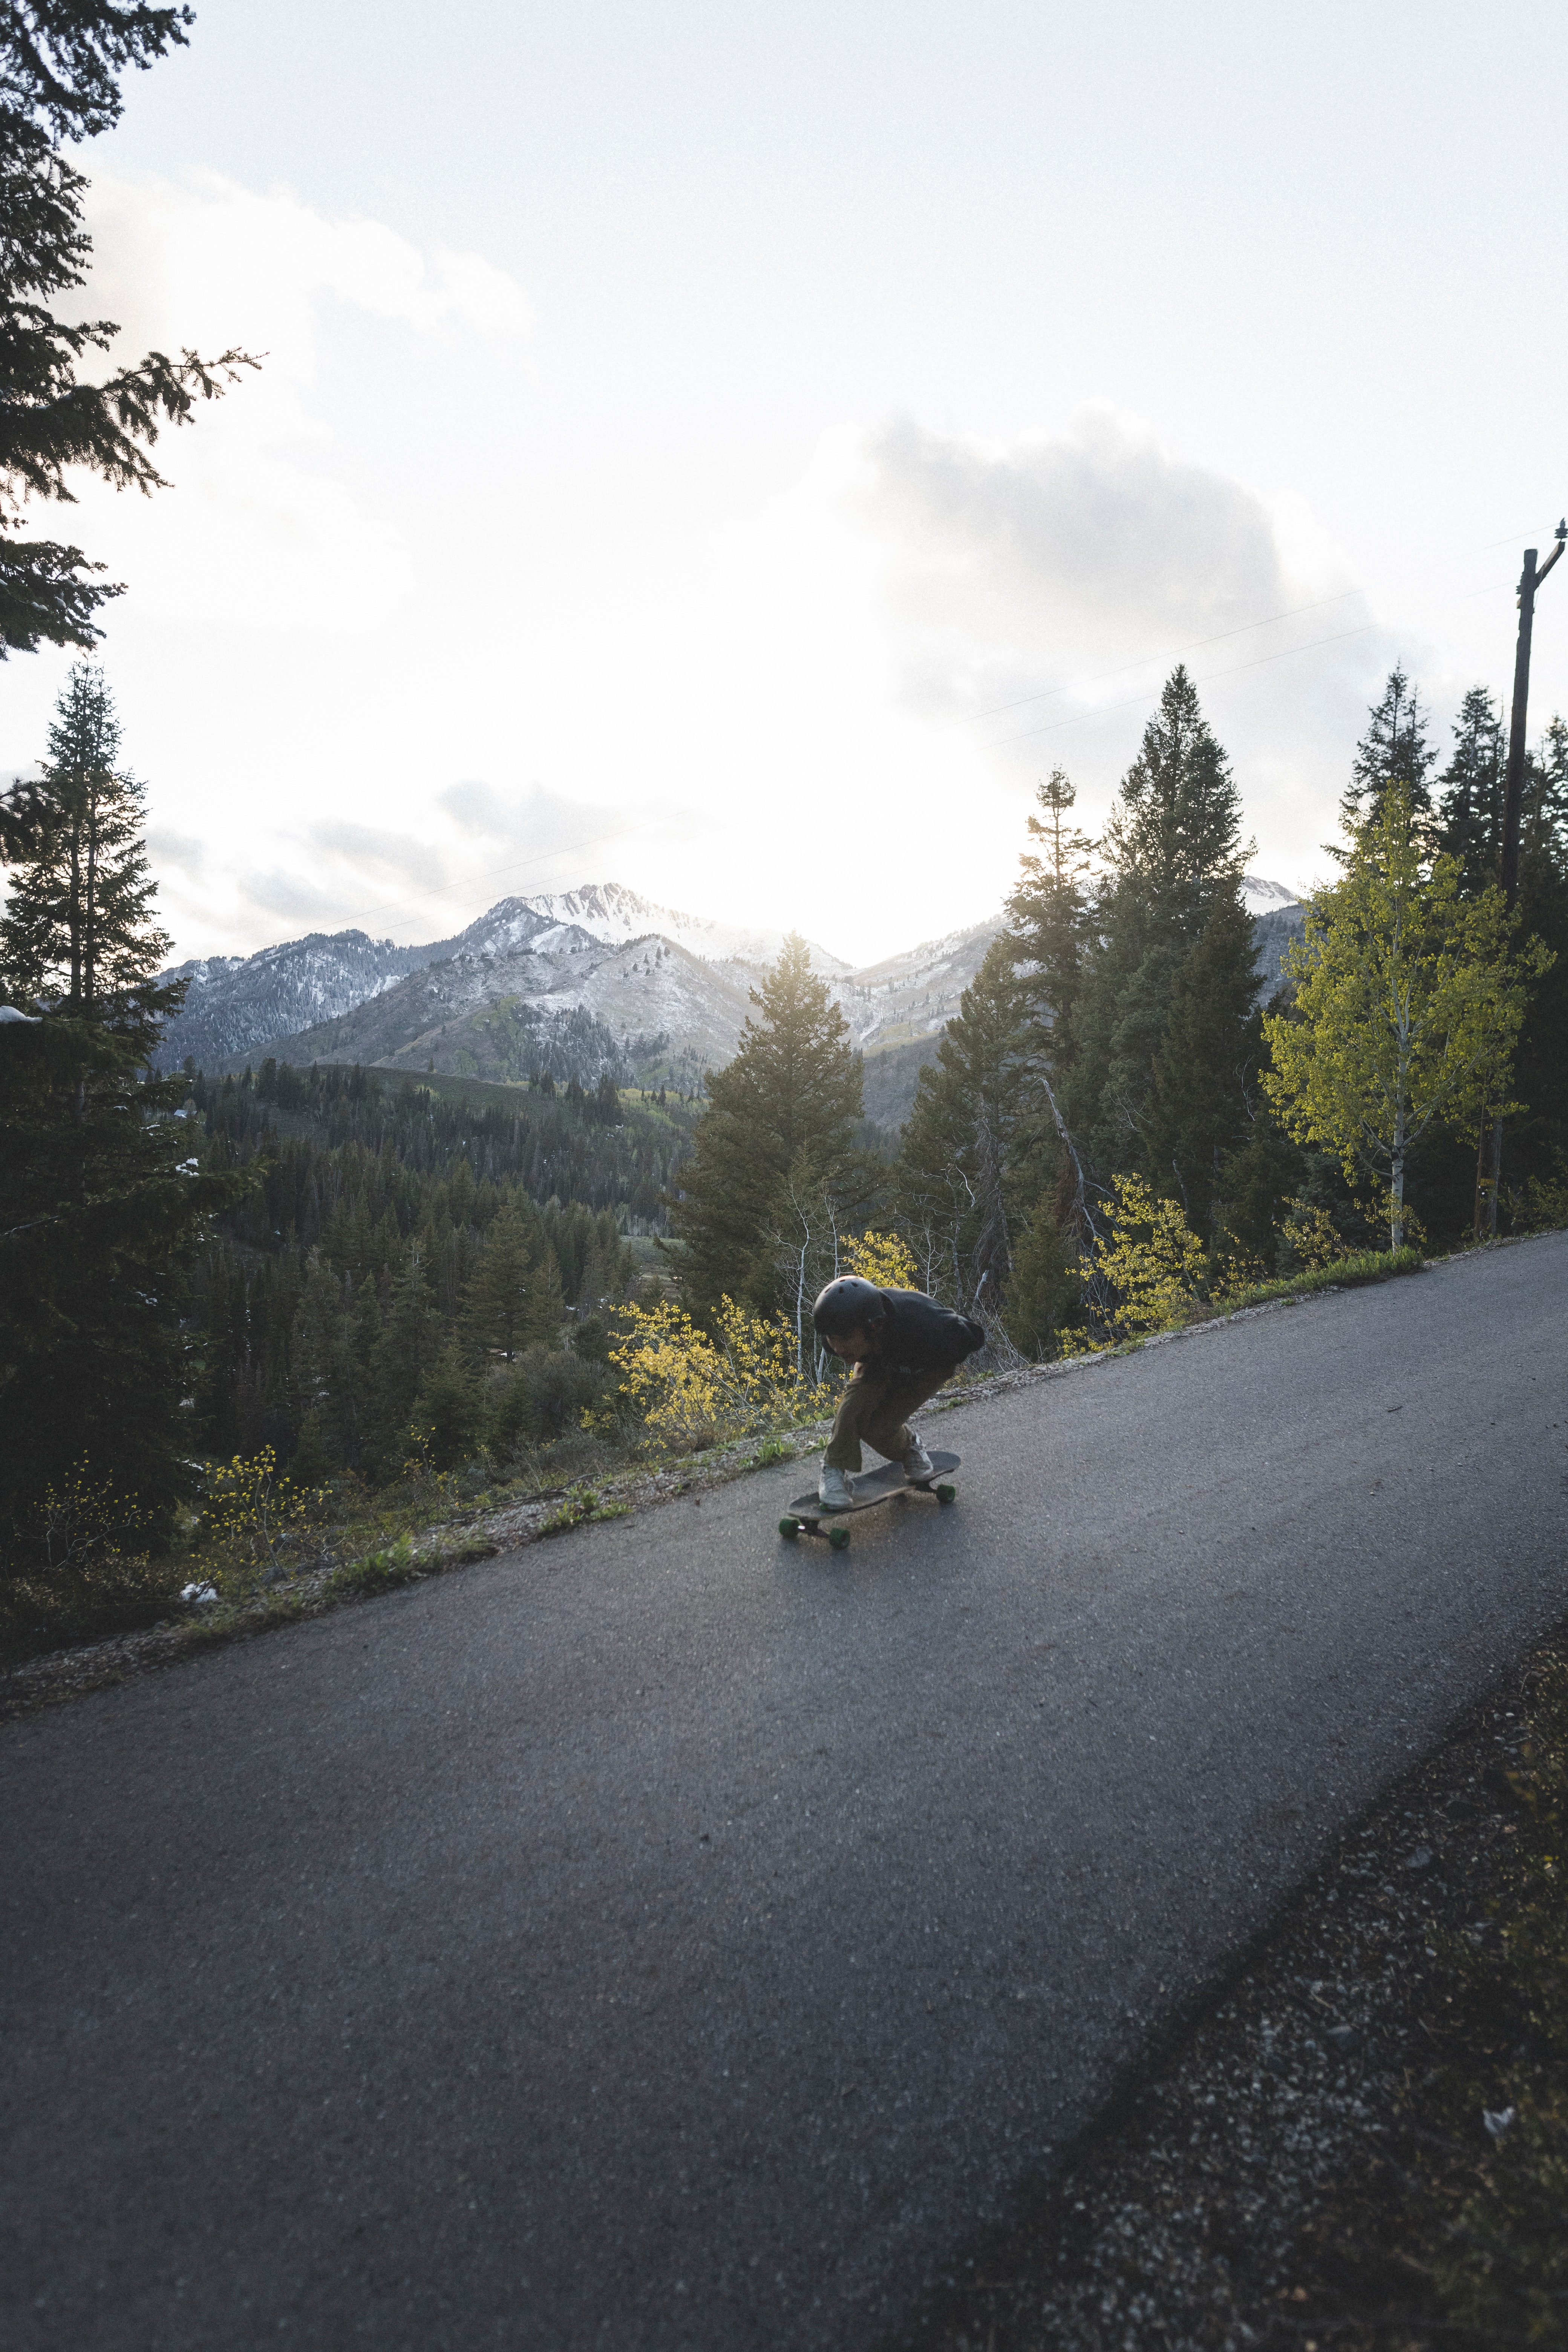 151081 скачать обои Разное, Человек, Скейт, Шлем, Склон, Горы - заставки и картинки бесплатно